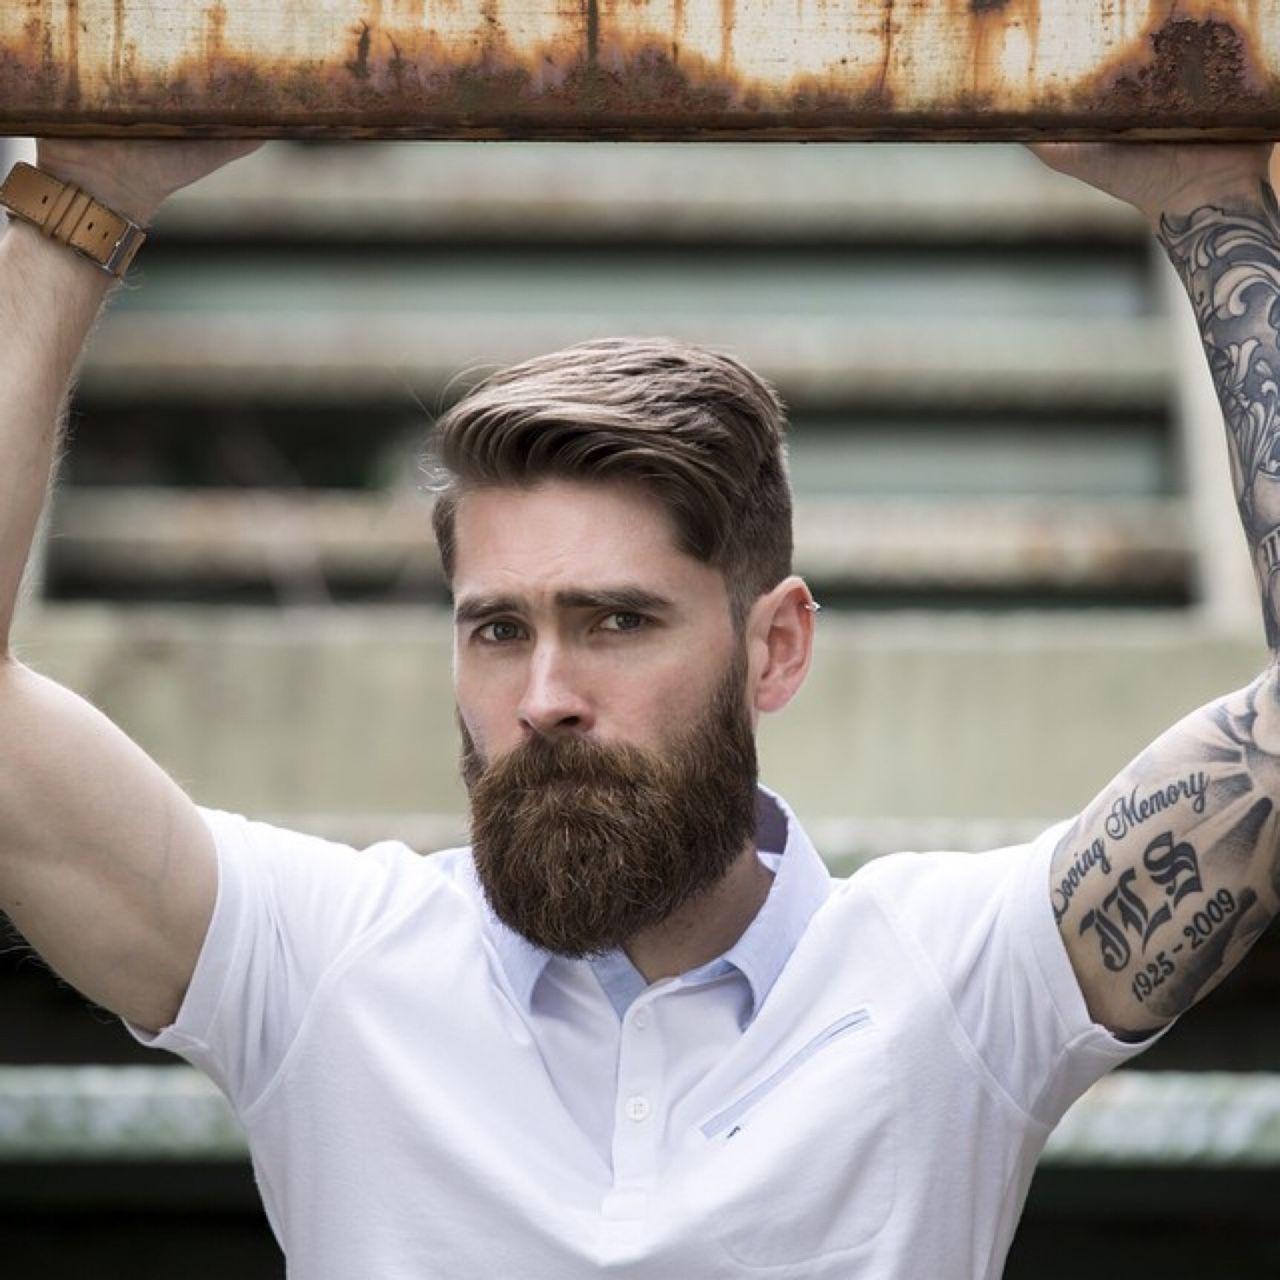 бородка у худых скуластых мужчин виды фото фотографии средствах массовой